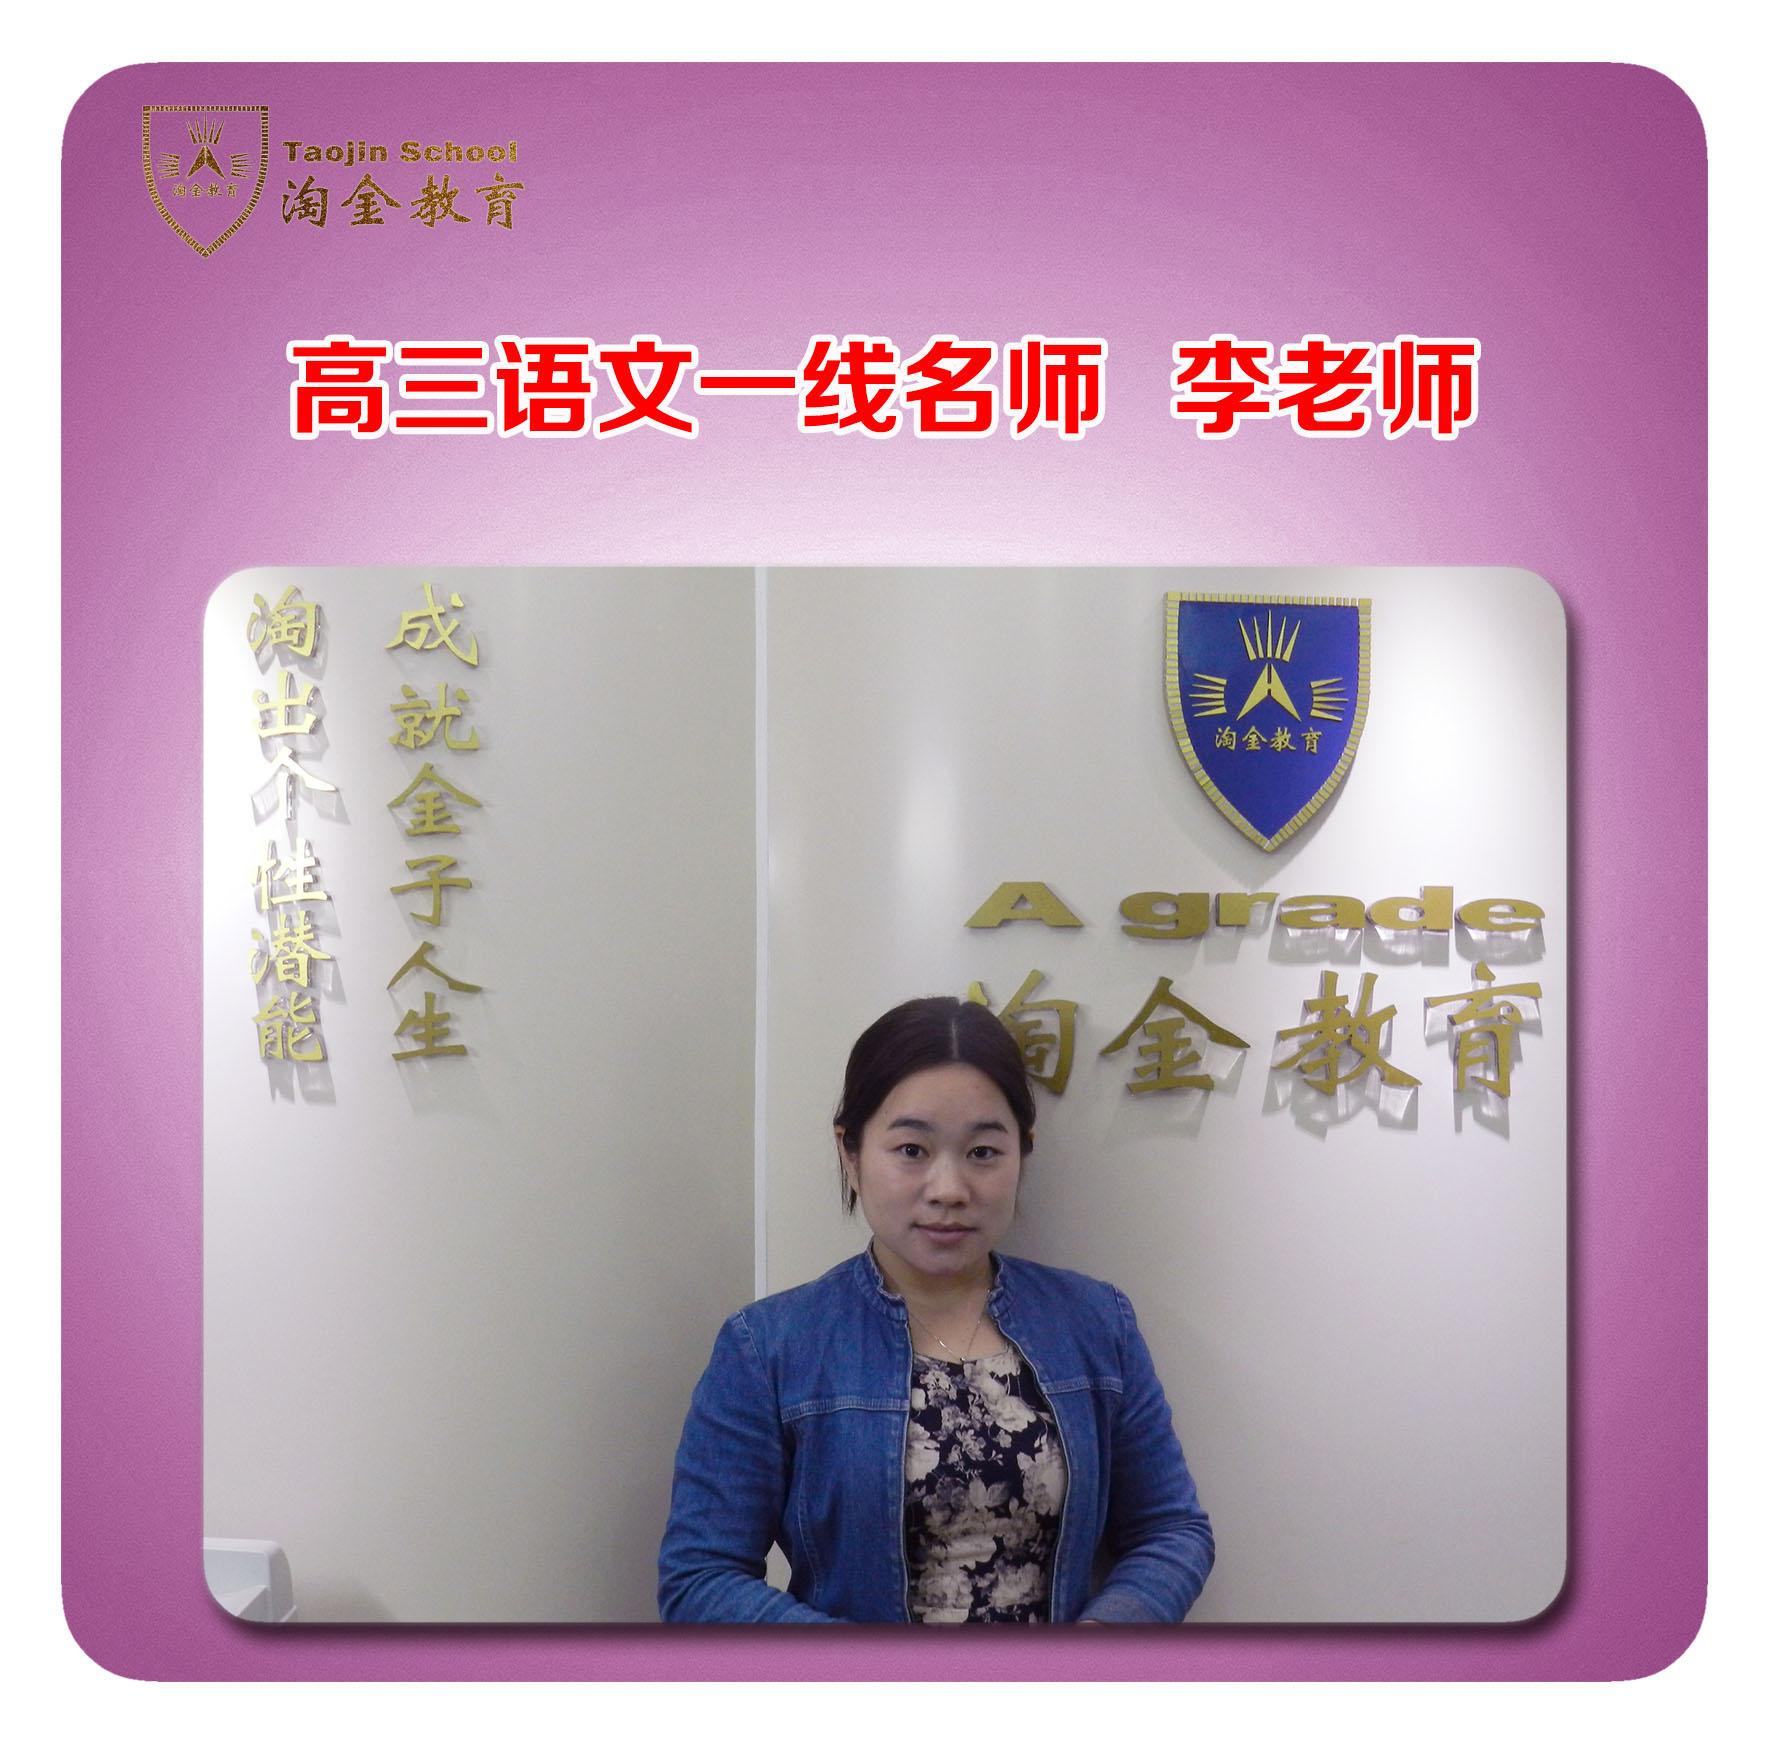 广州高三语文强化班